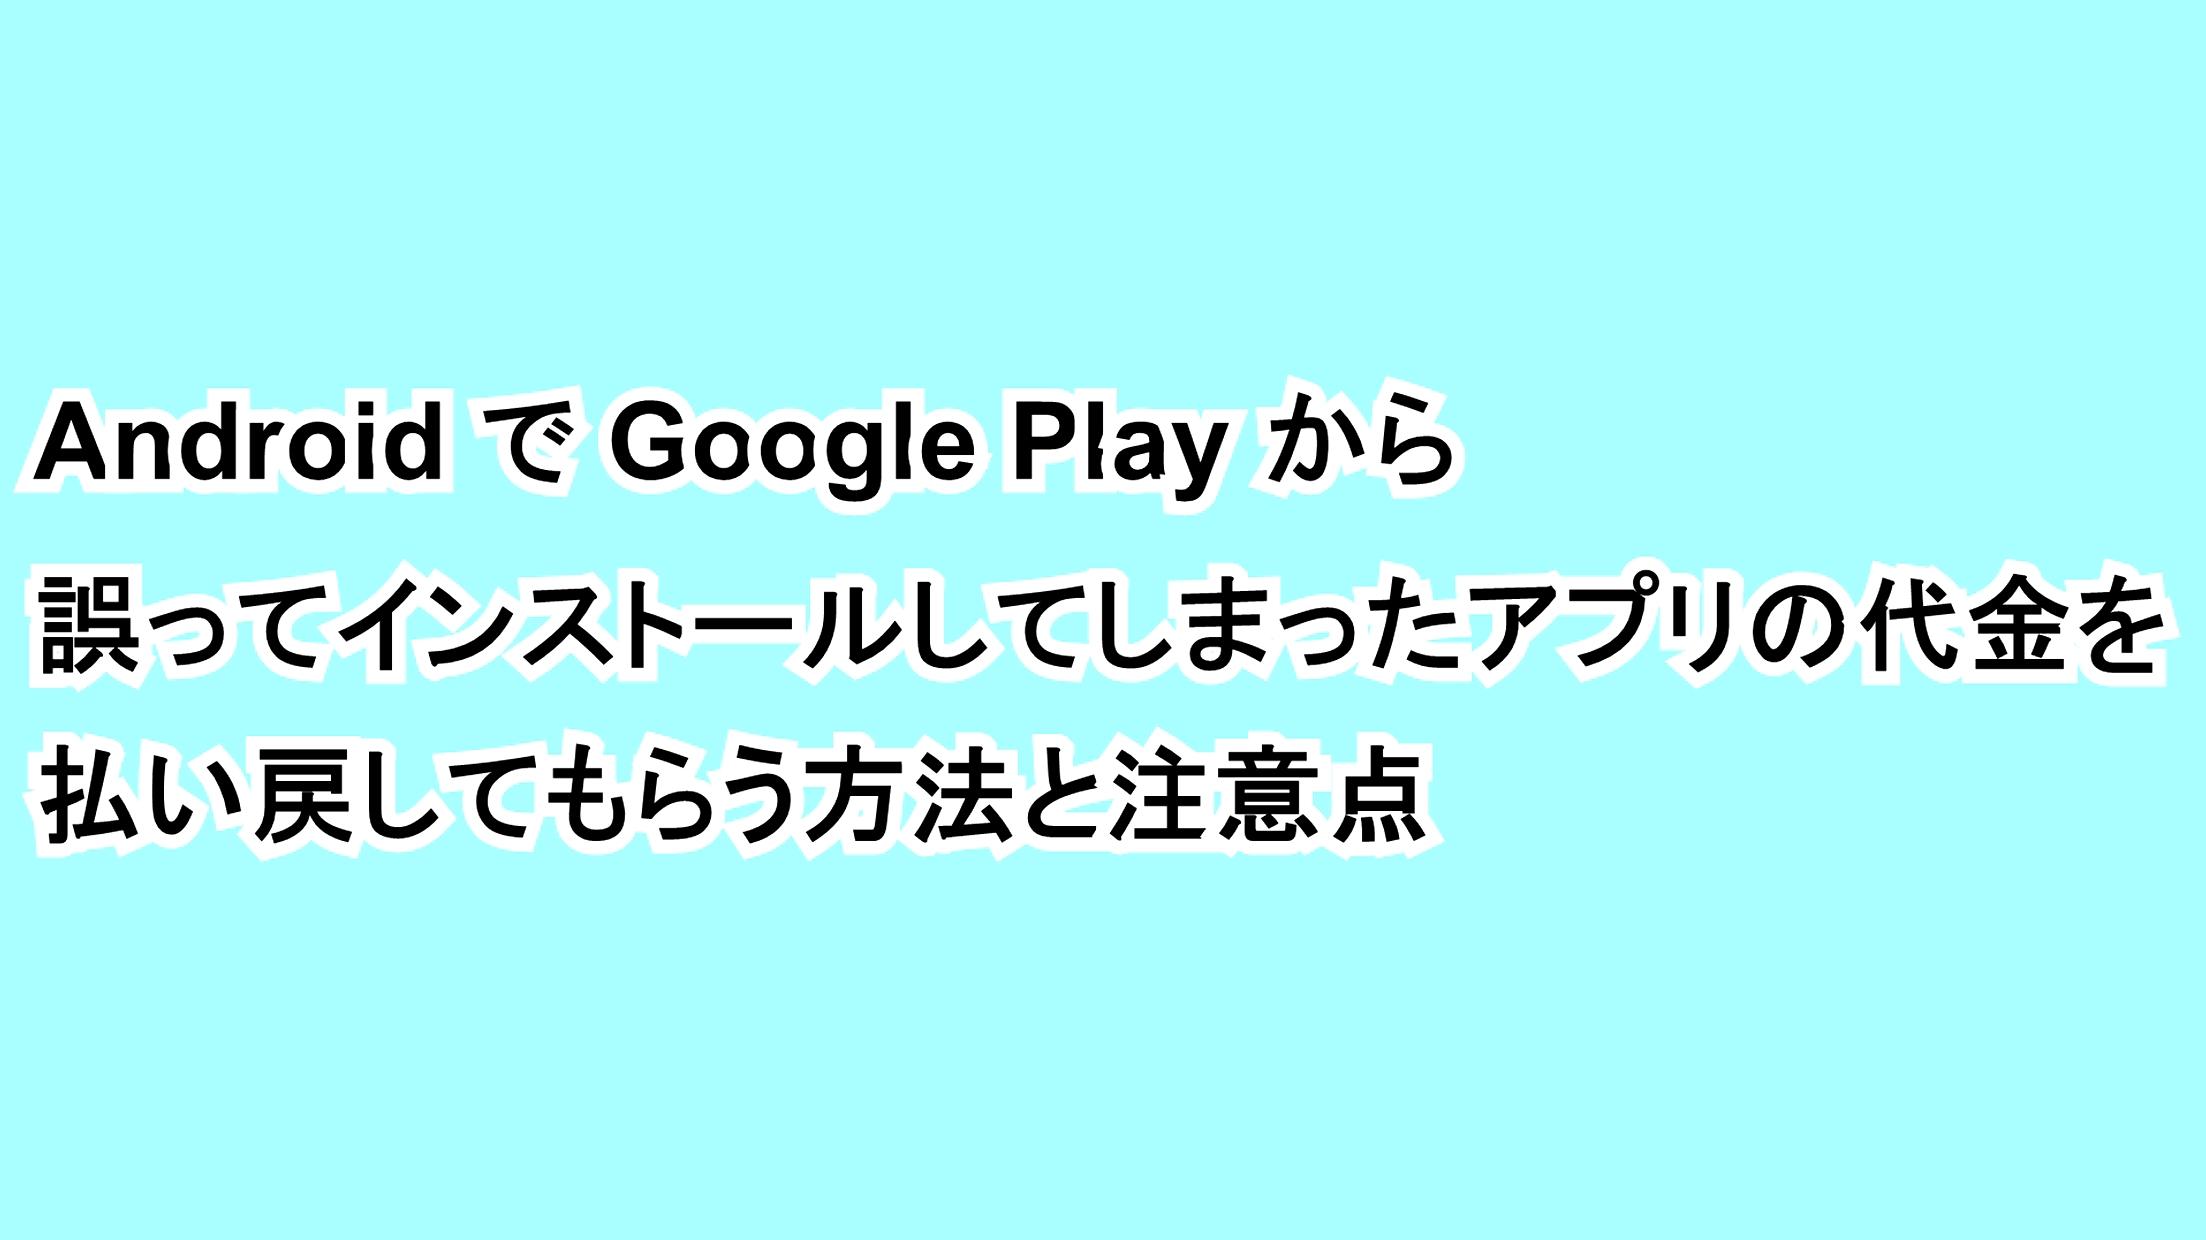 AndroidでGoogle Playから誤ってインストールしてしまった有料アプリの代金を払い戻してもらう方法と注意点